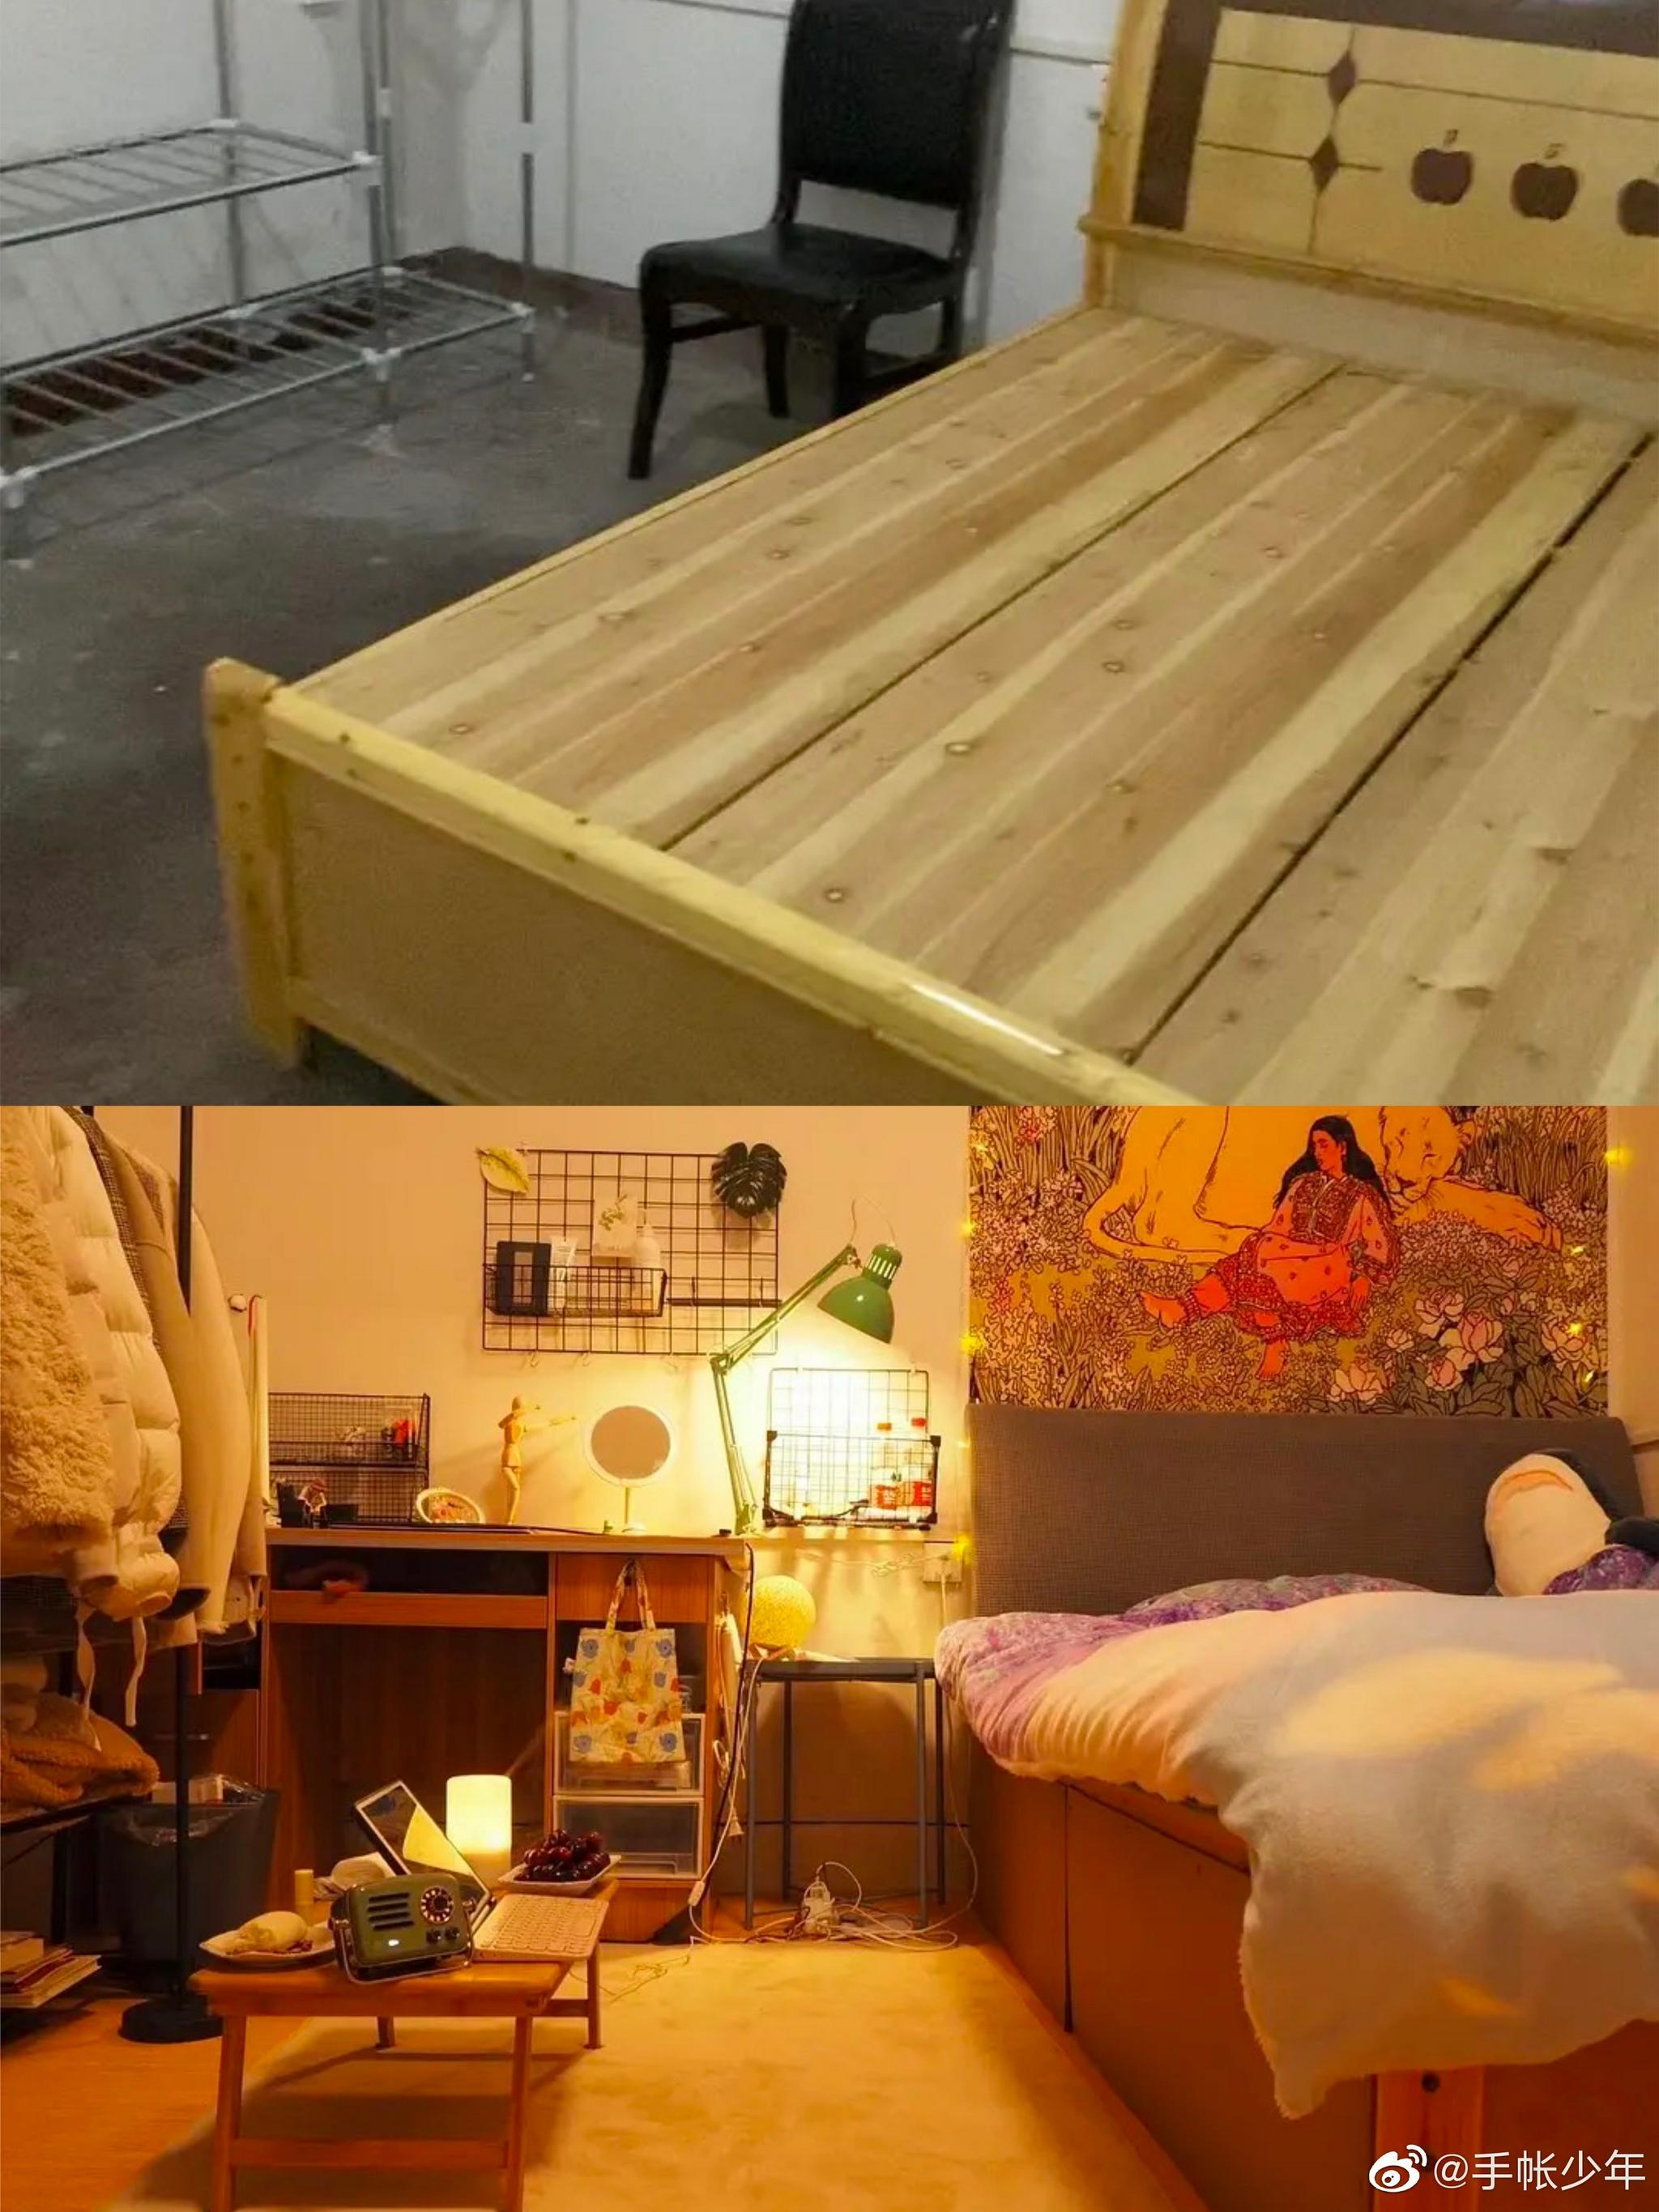 把毛坯房宿舍改造成一人居温馨小窝